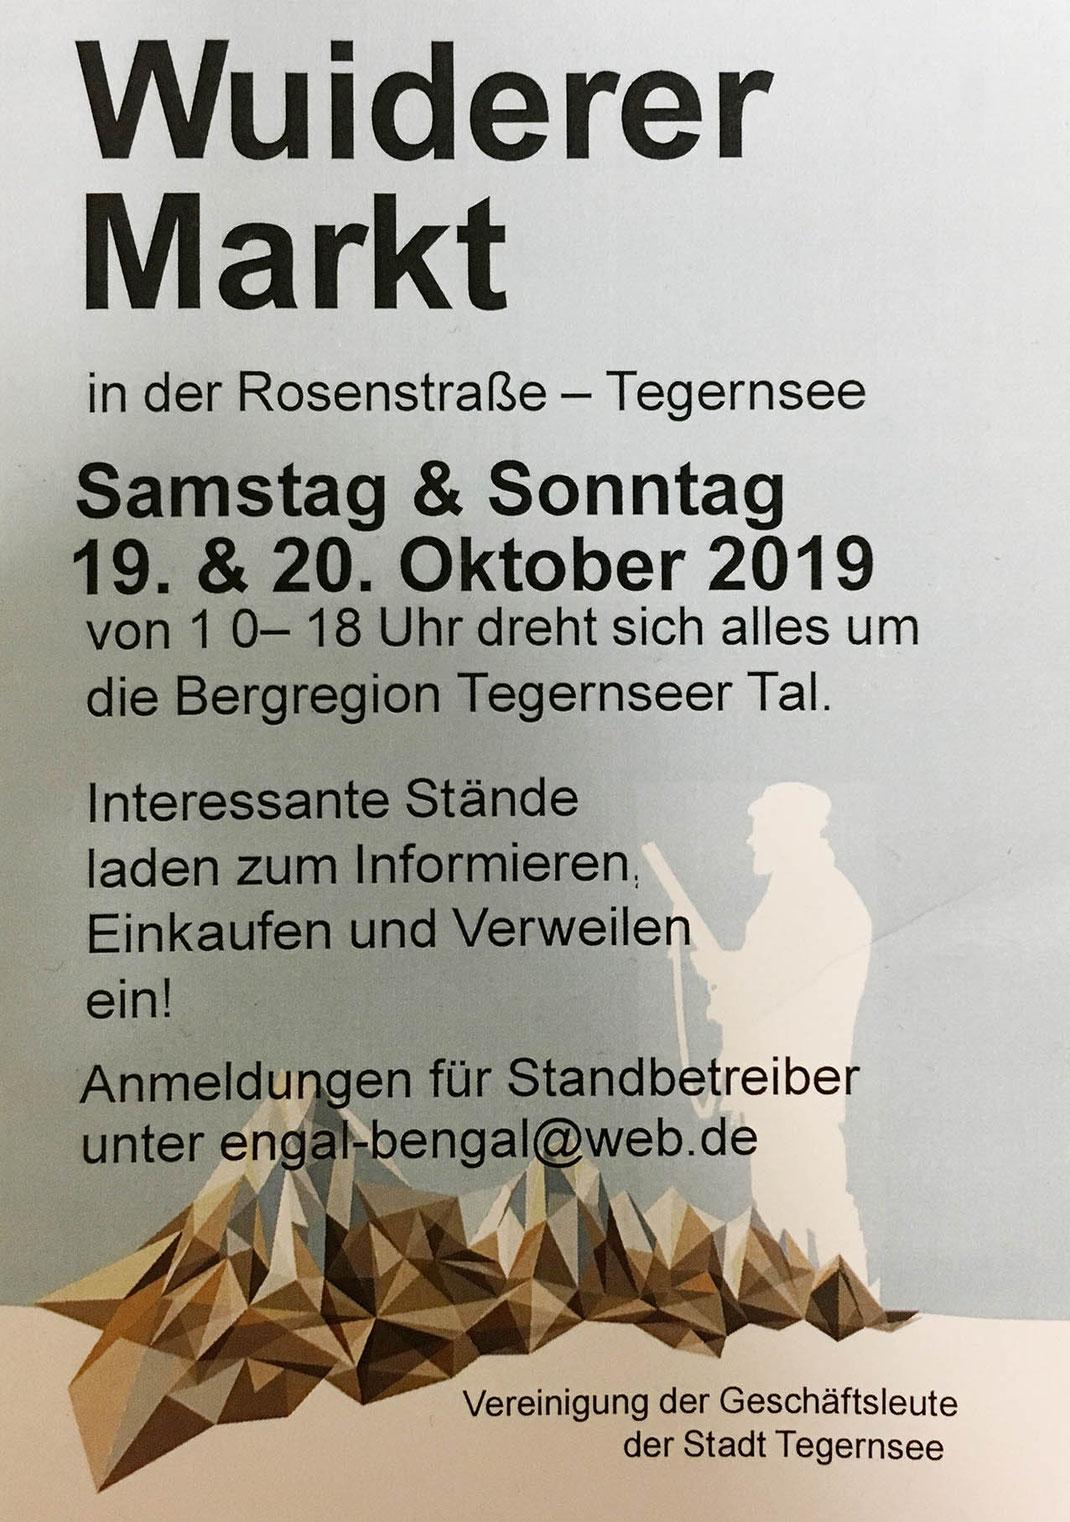 Wuiderer Markt Tegernsee in der Rosenstraße.